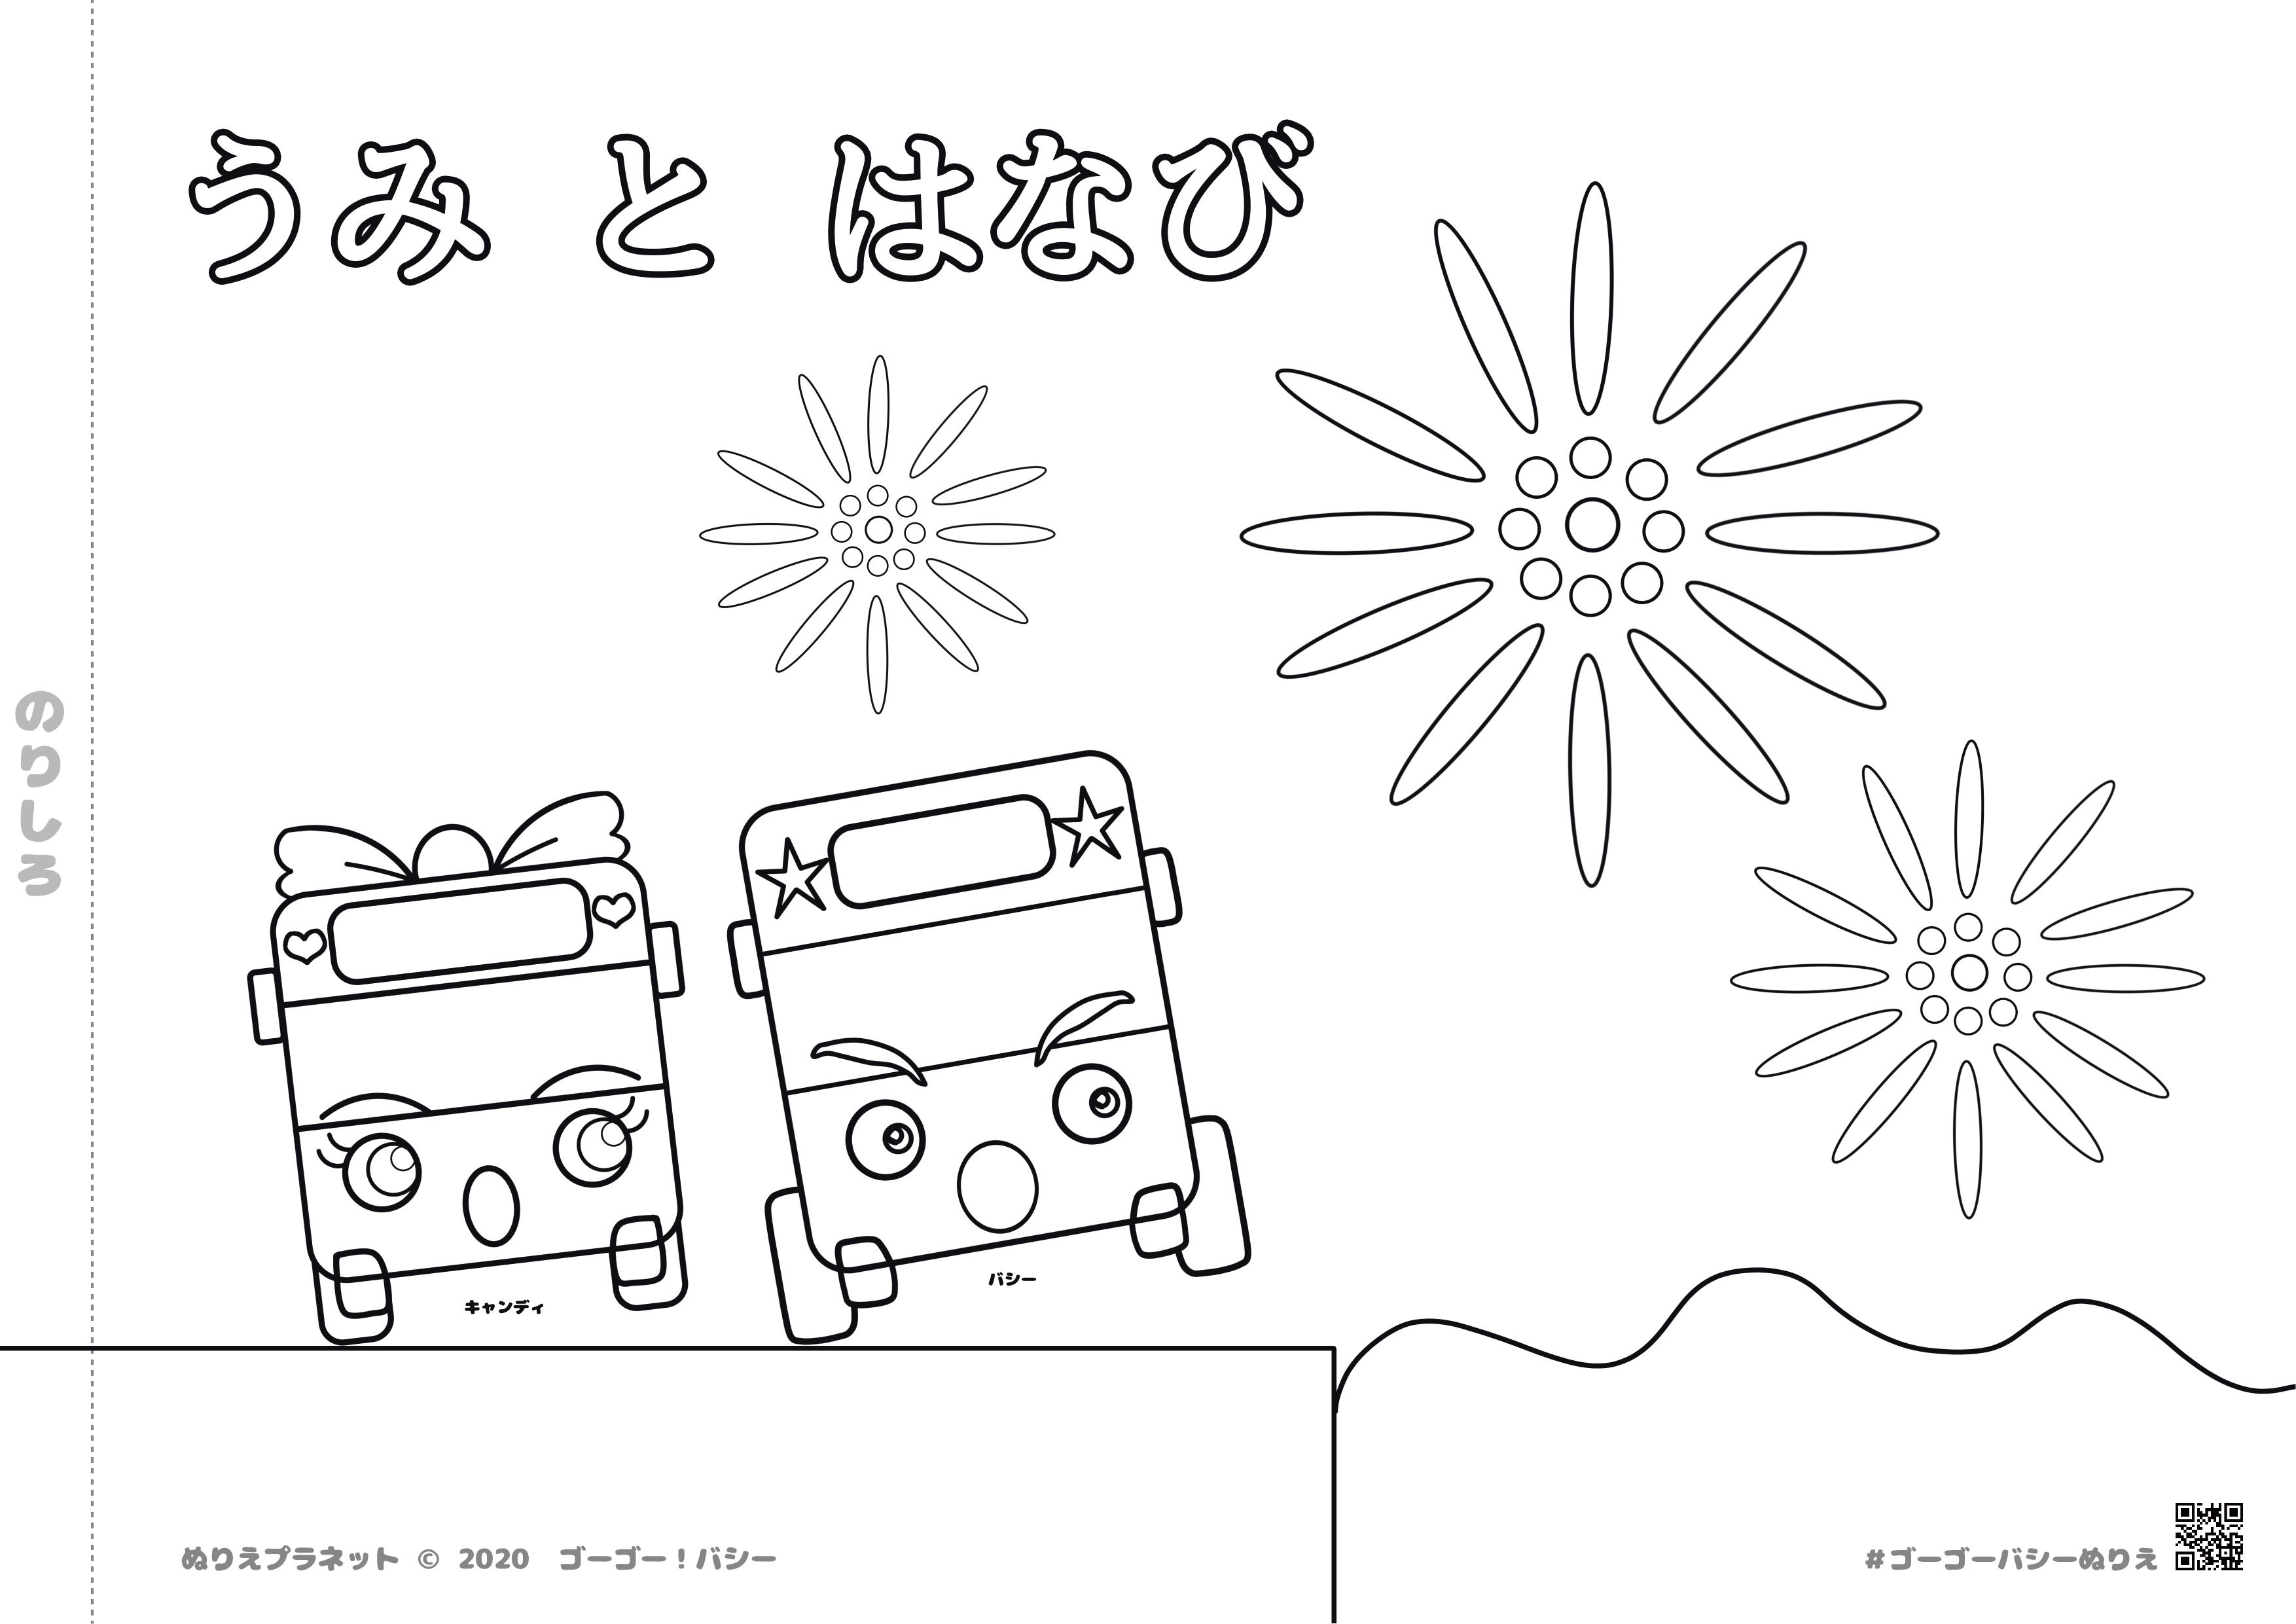 バスのバシーとキャンディが海に花火を見に来たぬりえです。